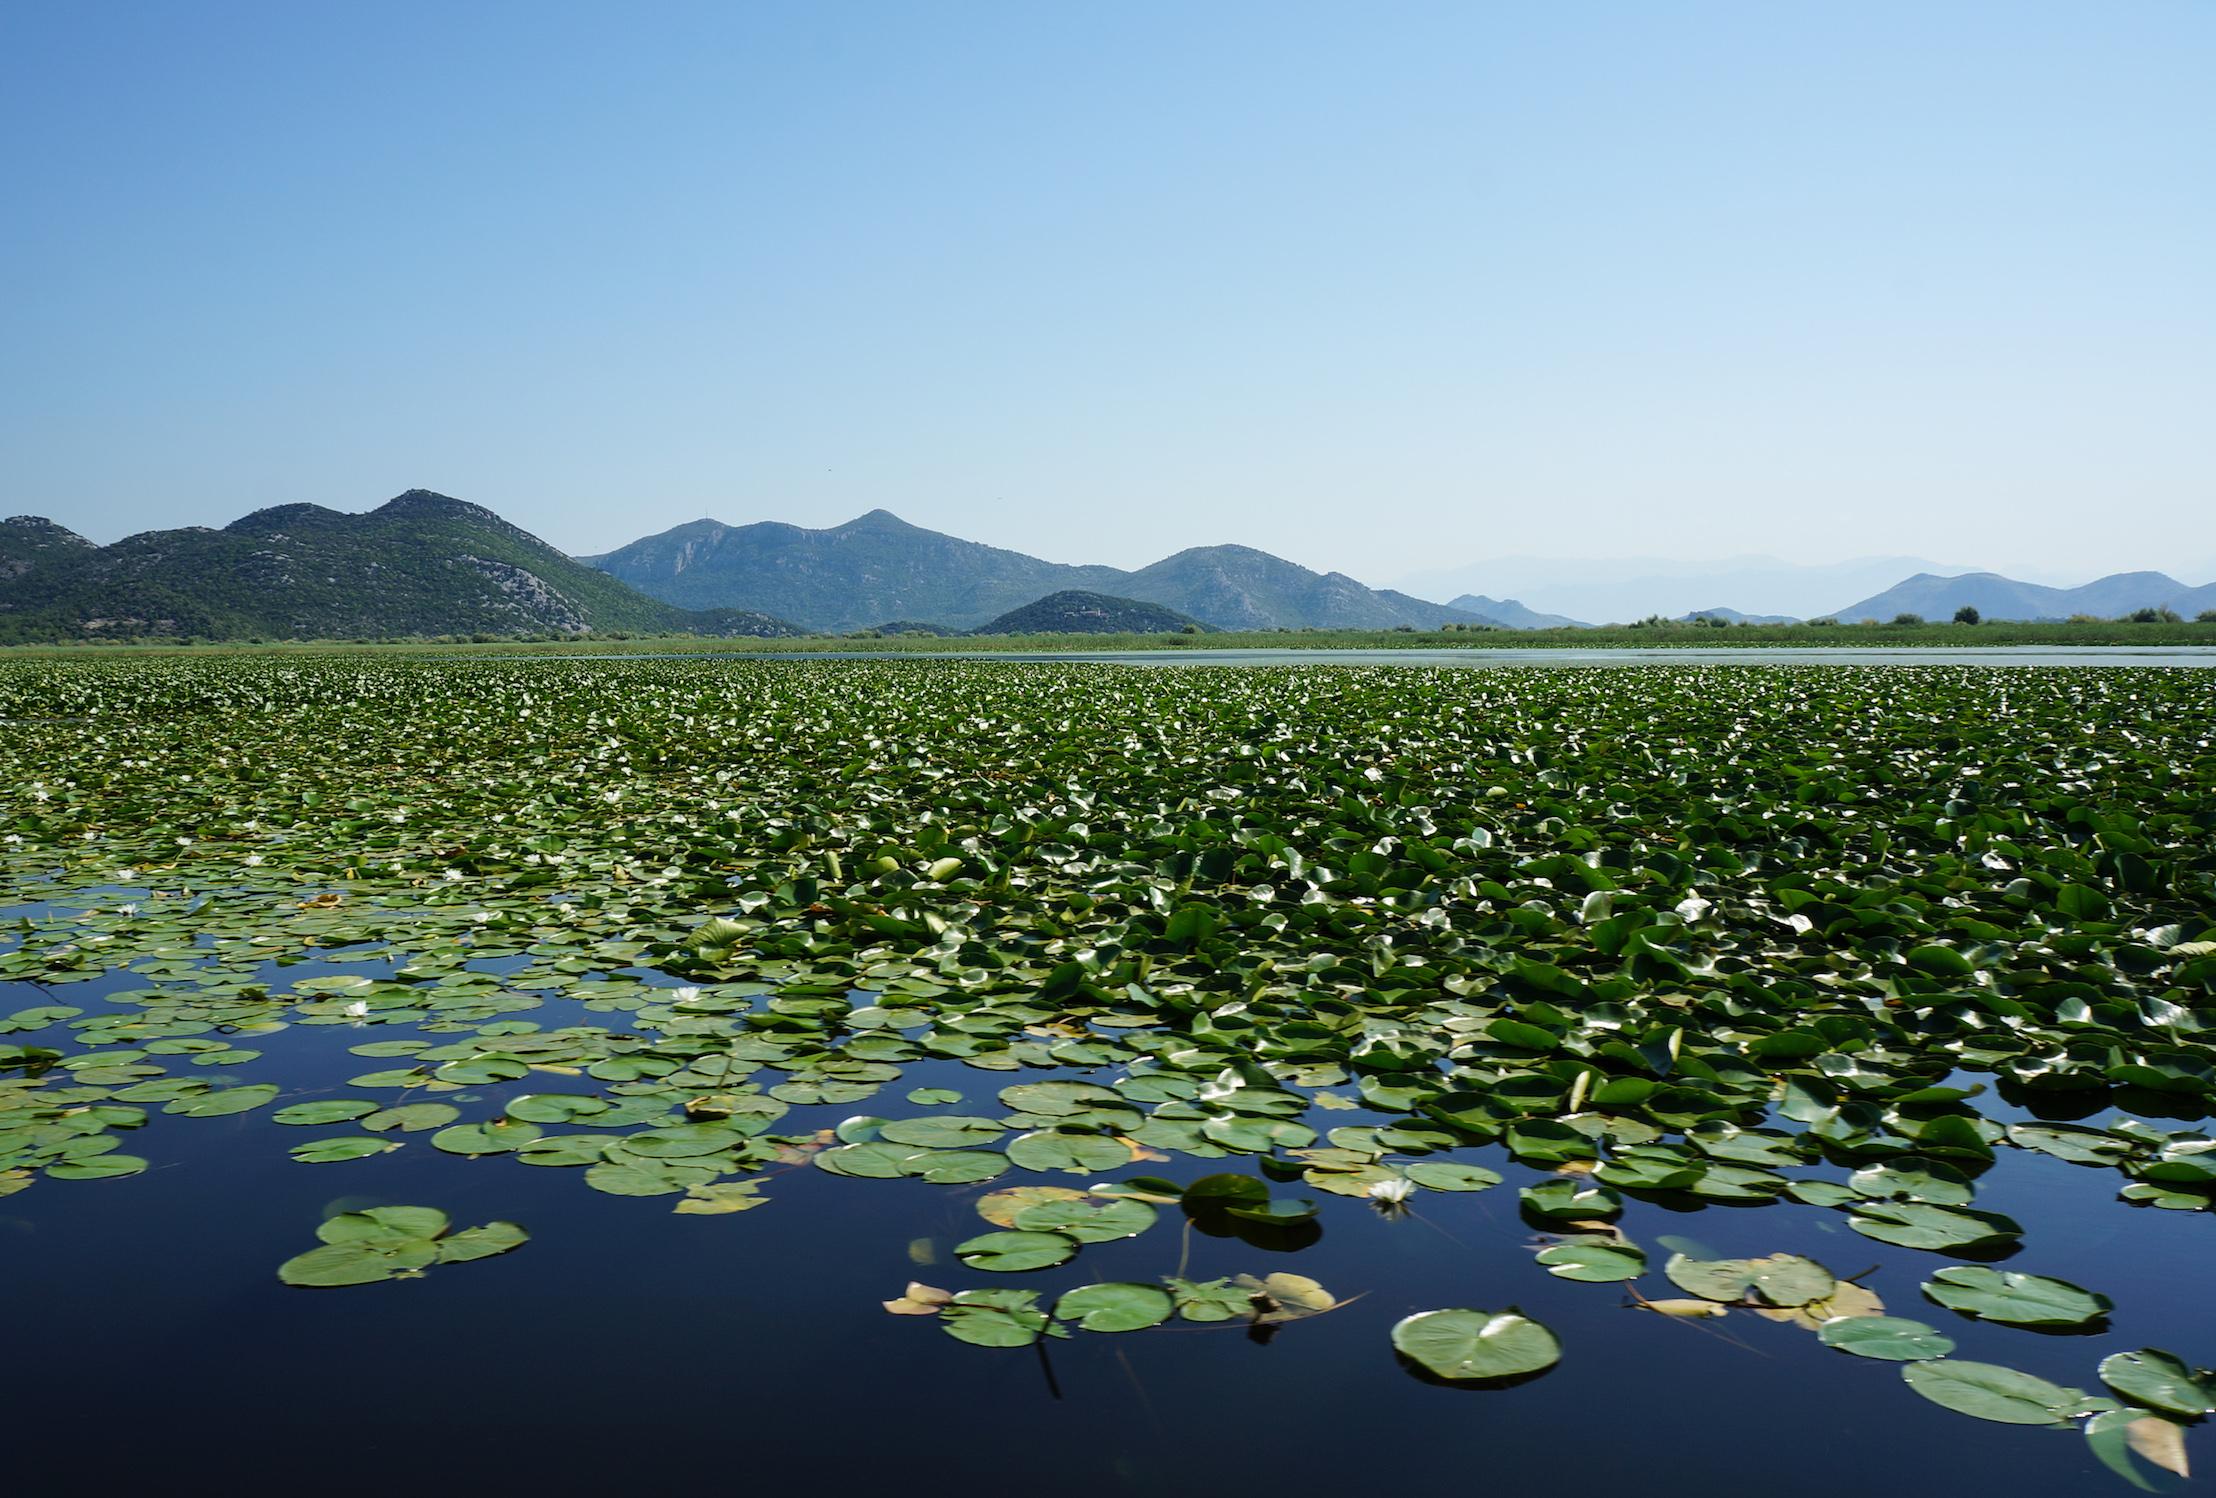 Skhodar Lake view, 2019